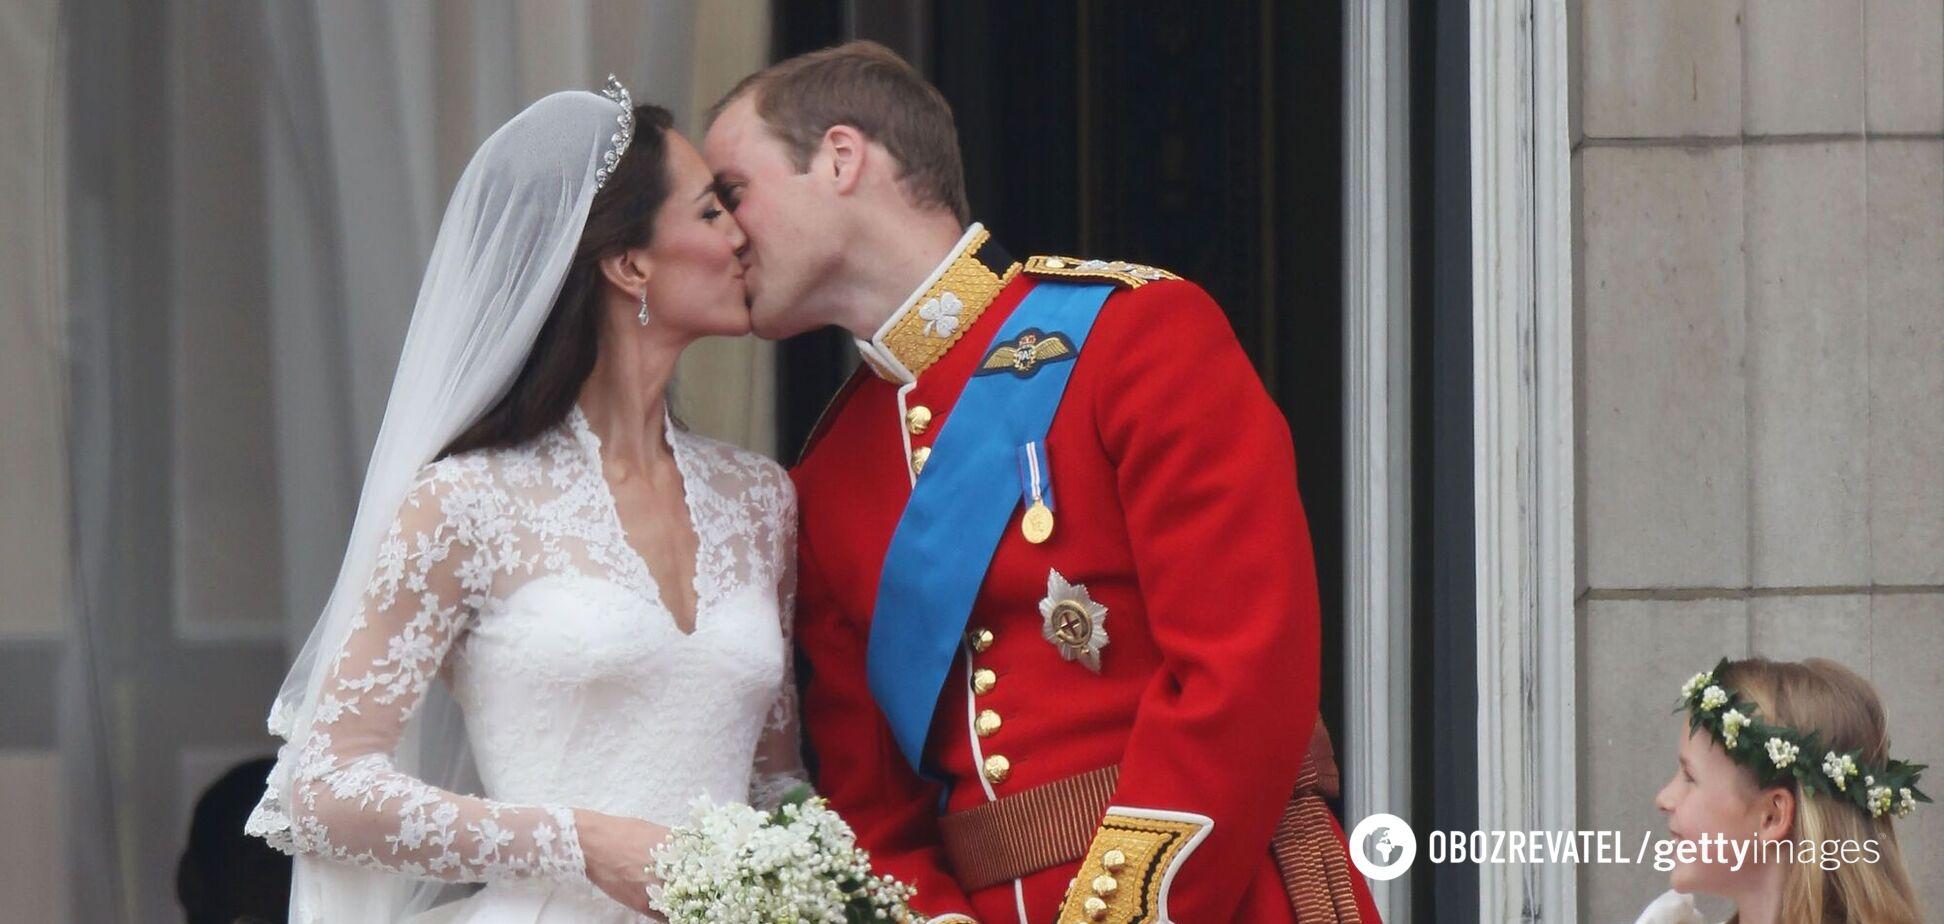 Кейт Міддлтон і принц Вільям знялися в новій романтичній фотосесії